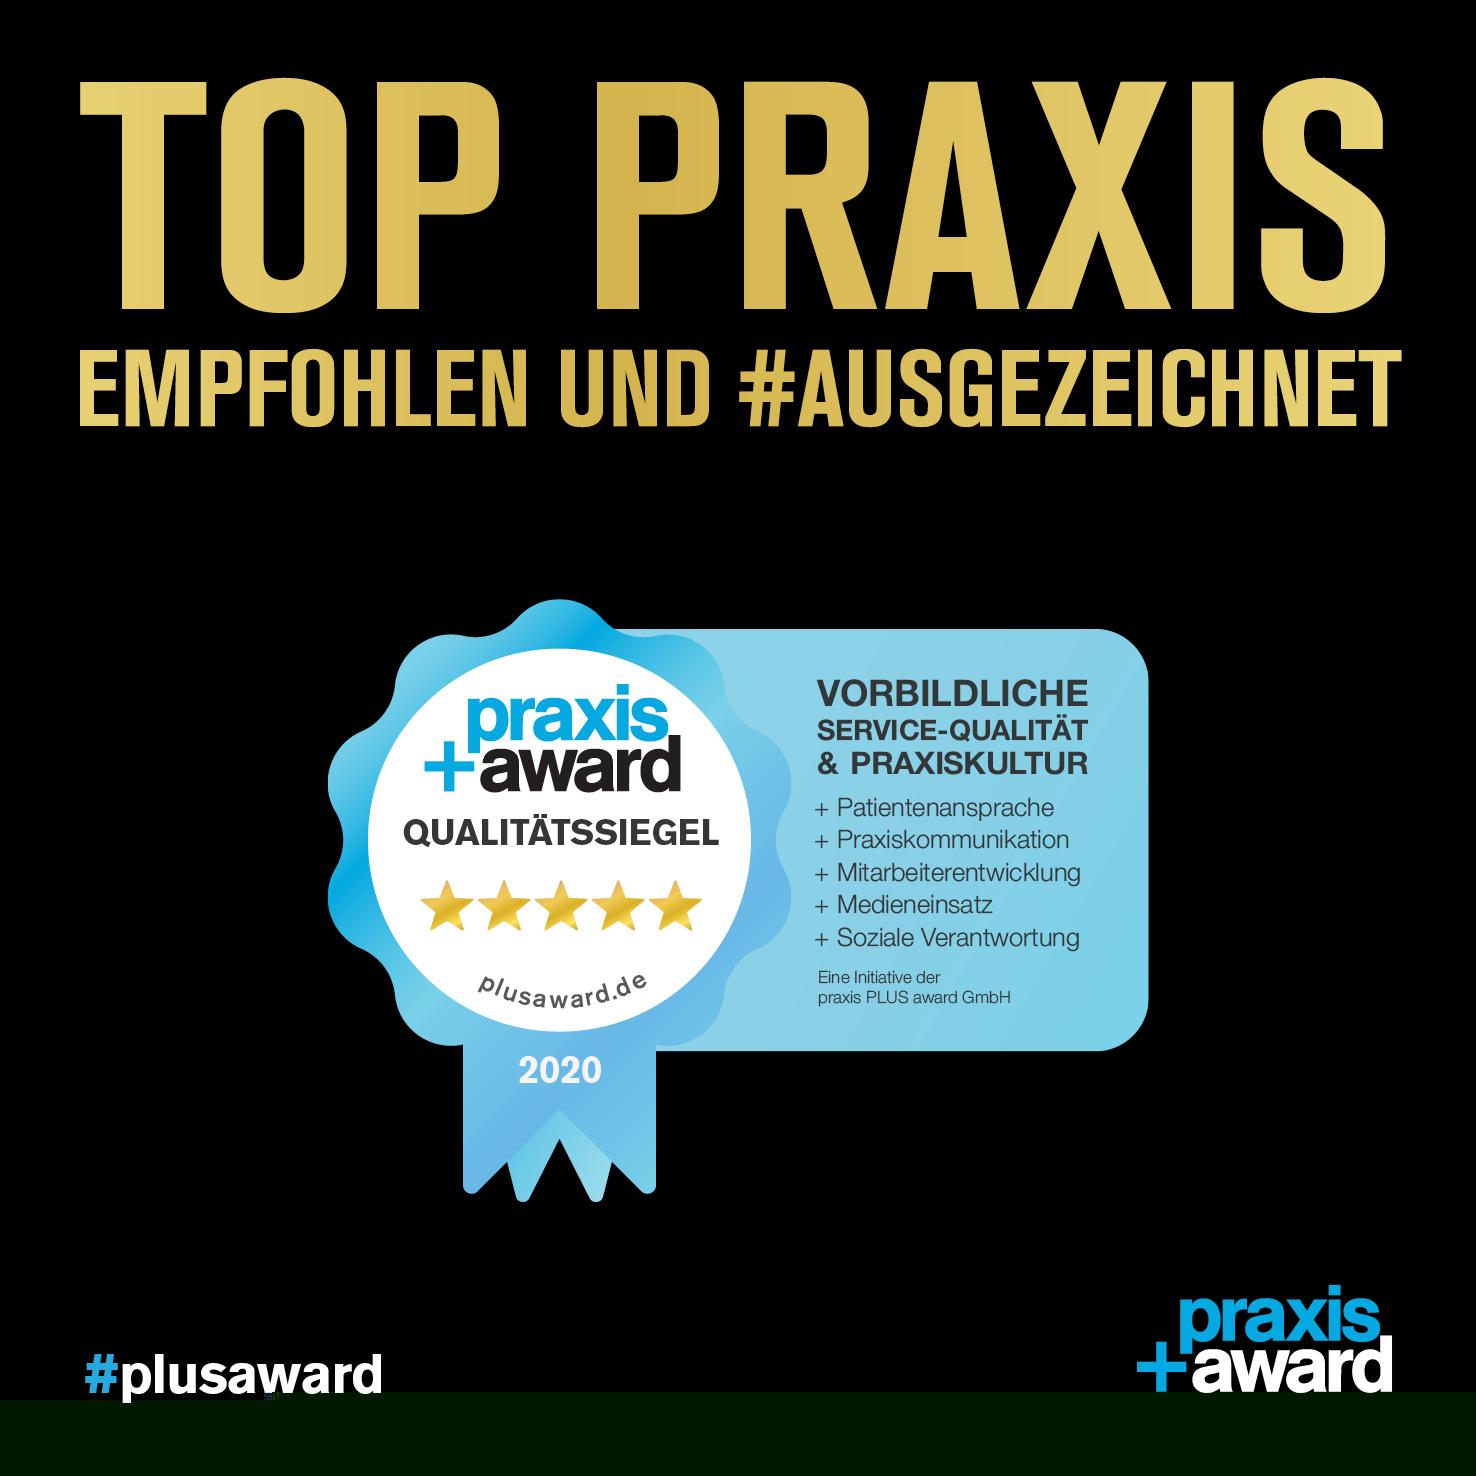 Praxis+Award Qualitätssiegel für All Dente in Kamen